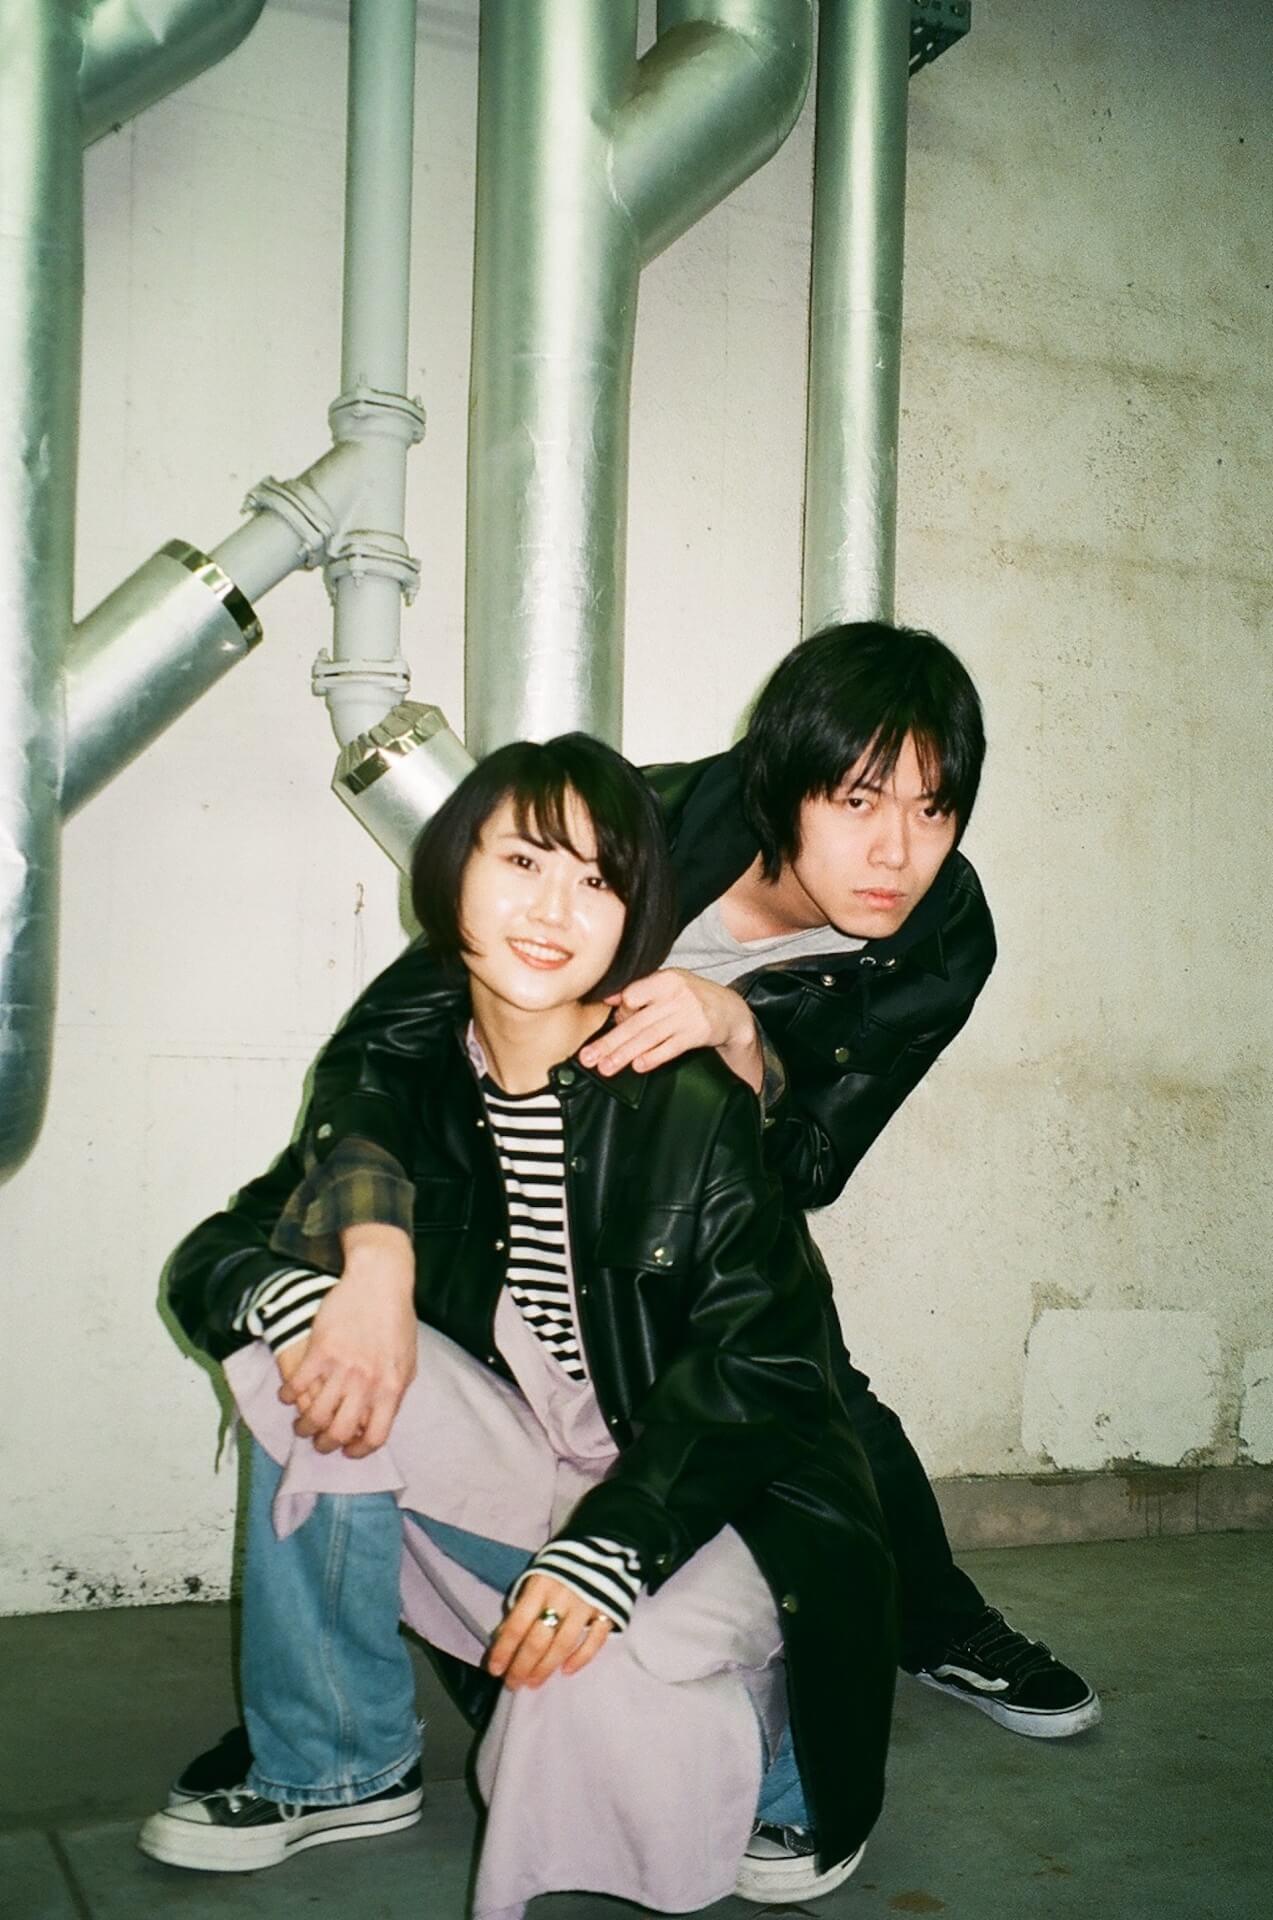 はなむけしゃしん - Ye&Nana「落花流水」 art200325_hanamukeshashin_6